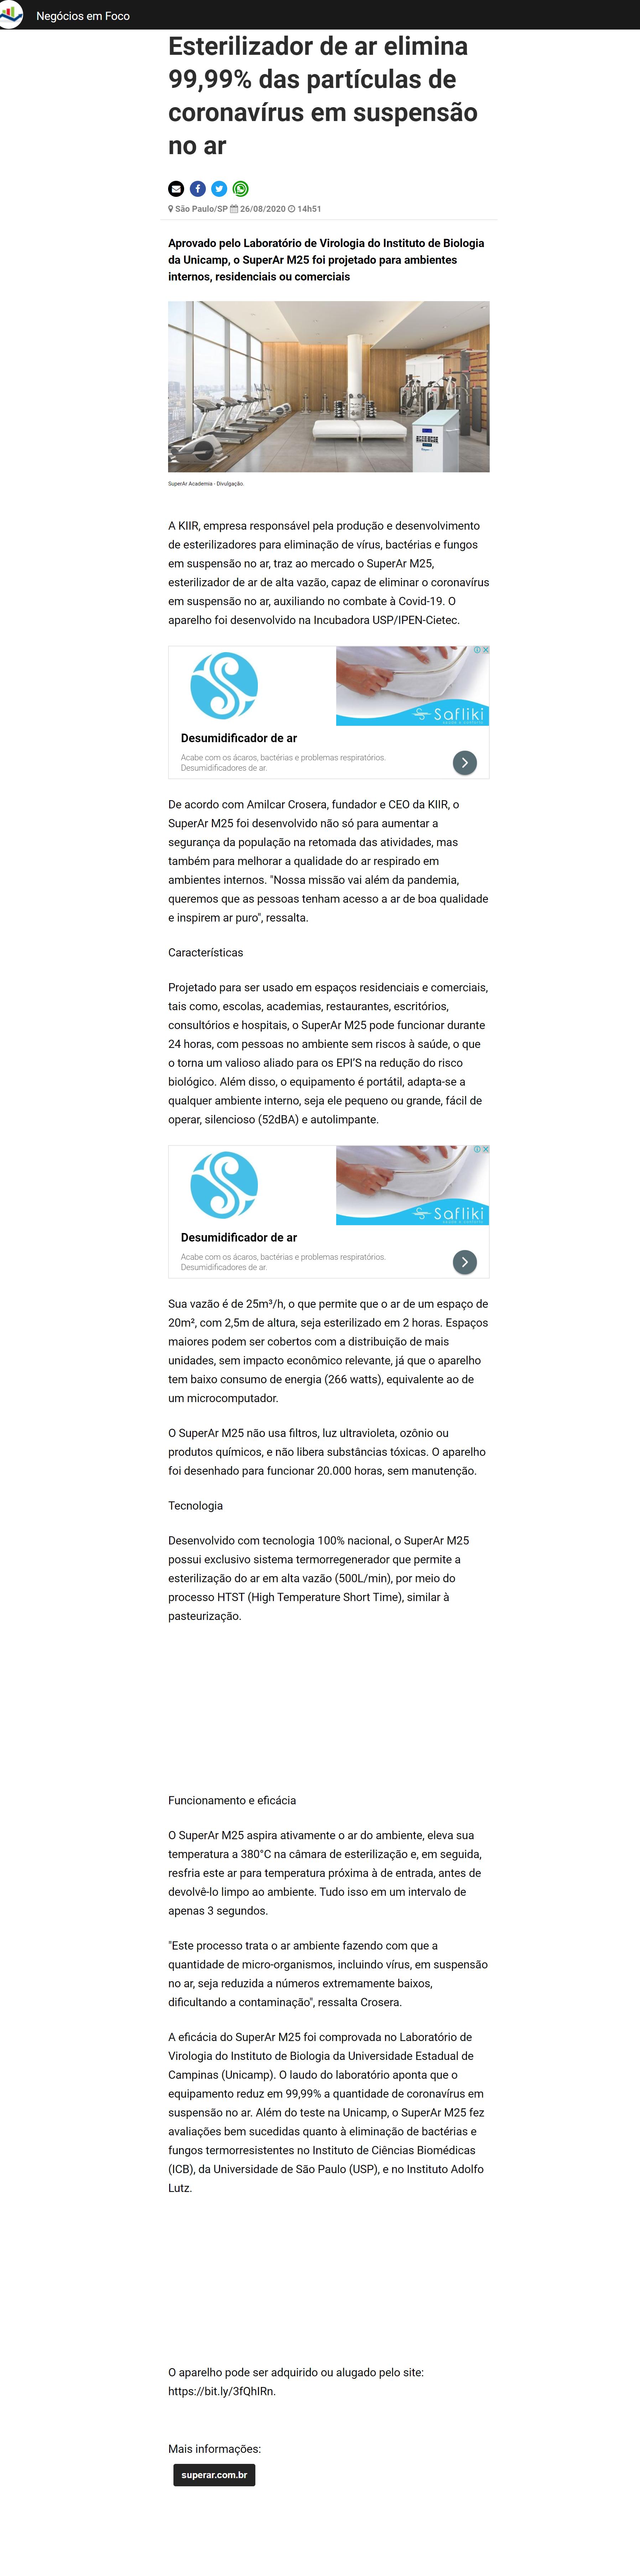 Esterilizador de ar elimina 99,99% das partículas de coronavírus em suspensão no ar - Negócios em Foco